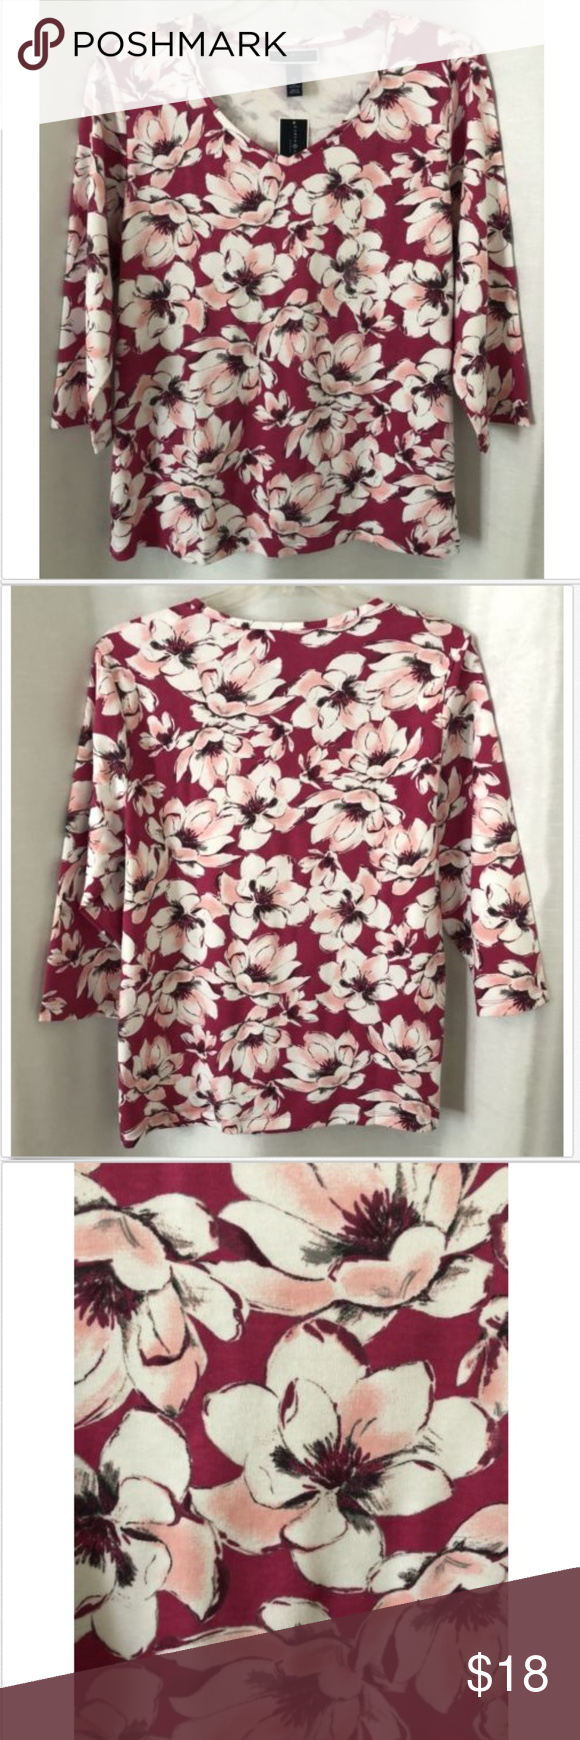 7a0c91cfa782a Tall Women · Karen Scott NWT Knit Top Floral Pink 3 4 Sleeves Nice